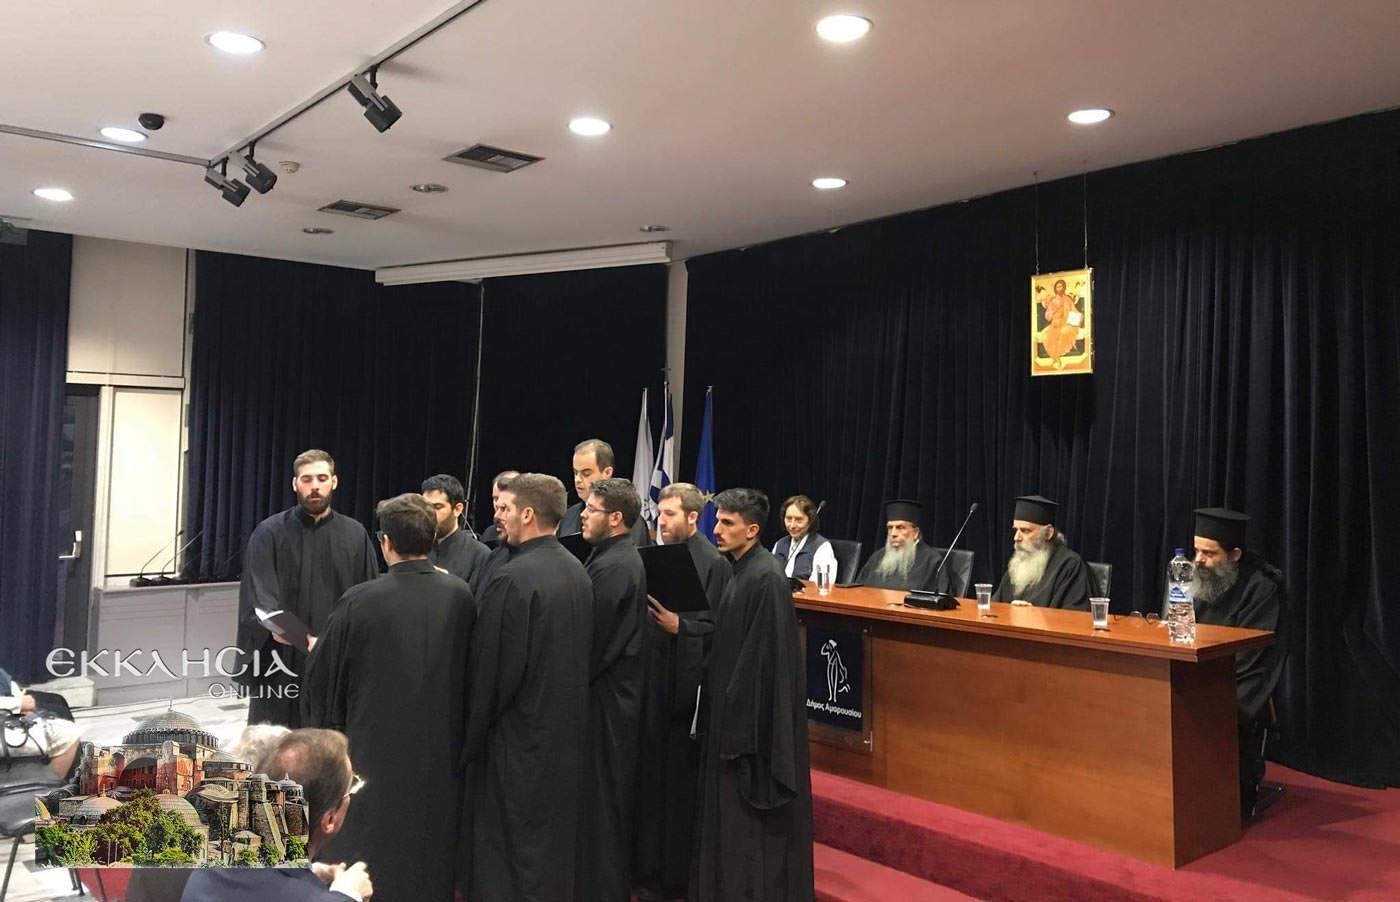 Εστία πατερικών μελετών Μαρούσι 2019